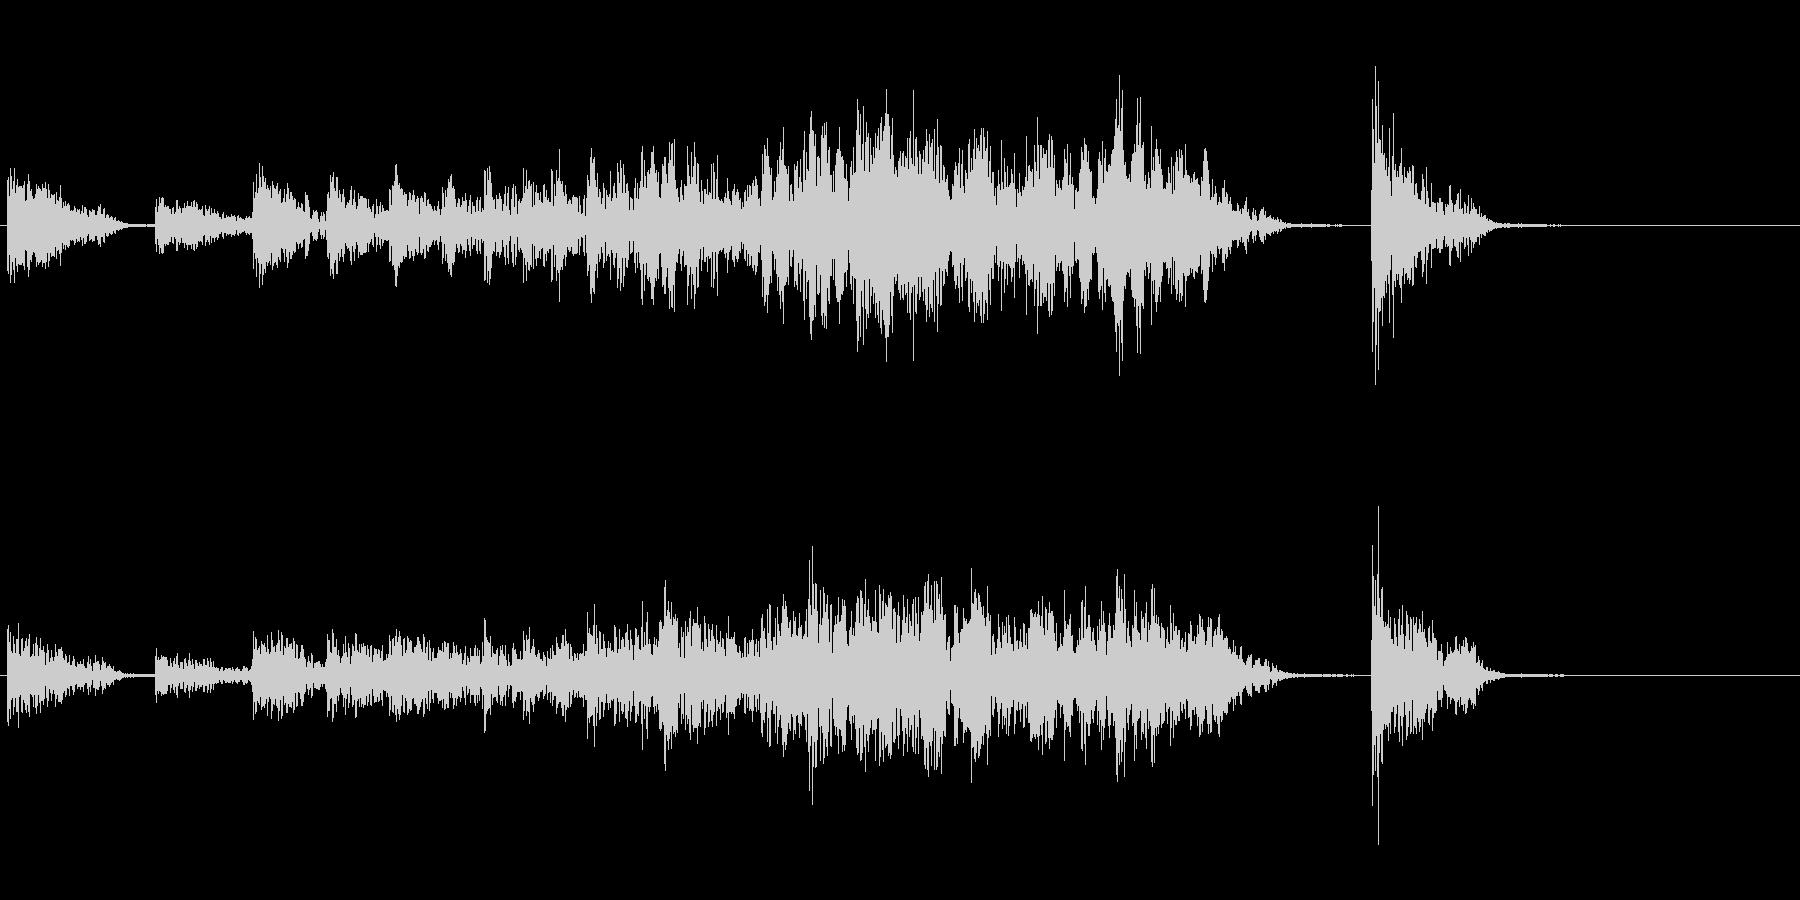 太鼓バリエーション(出囃子)の未再生の波形